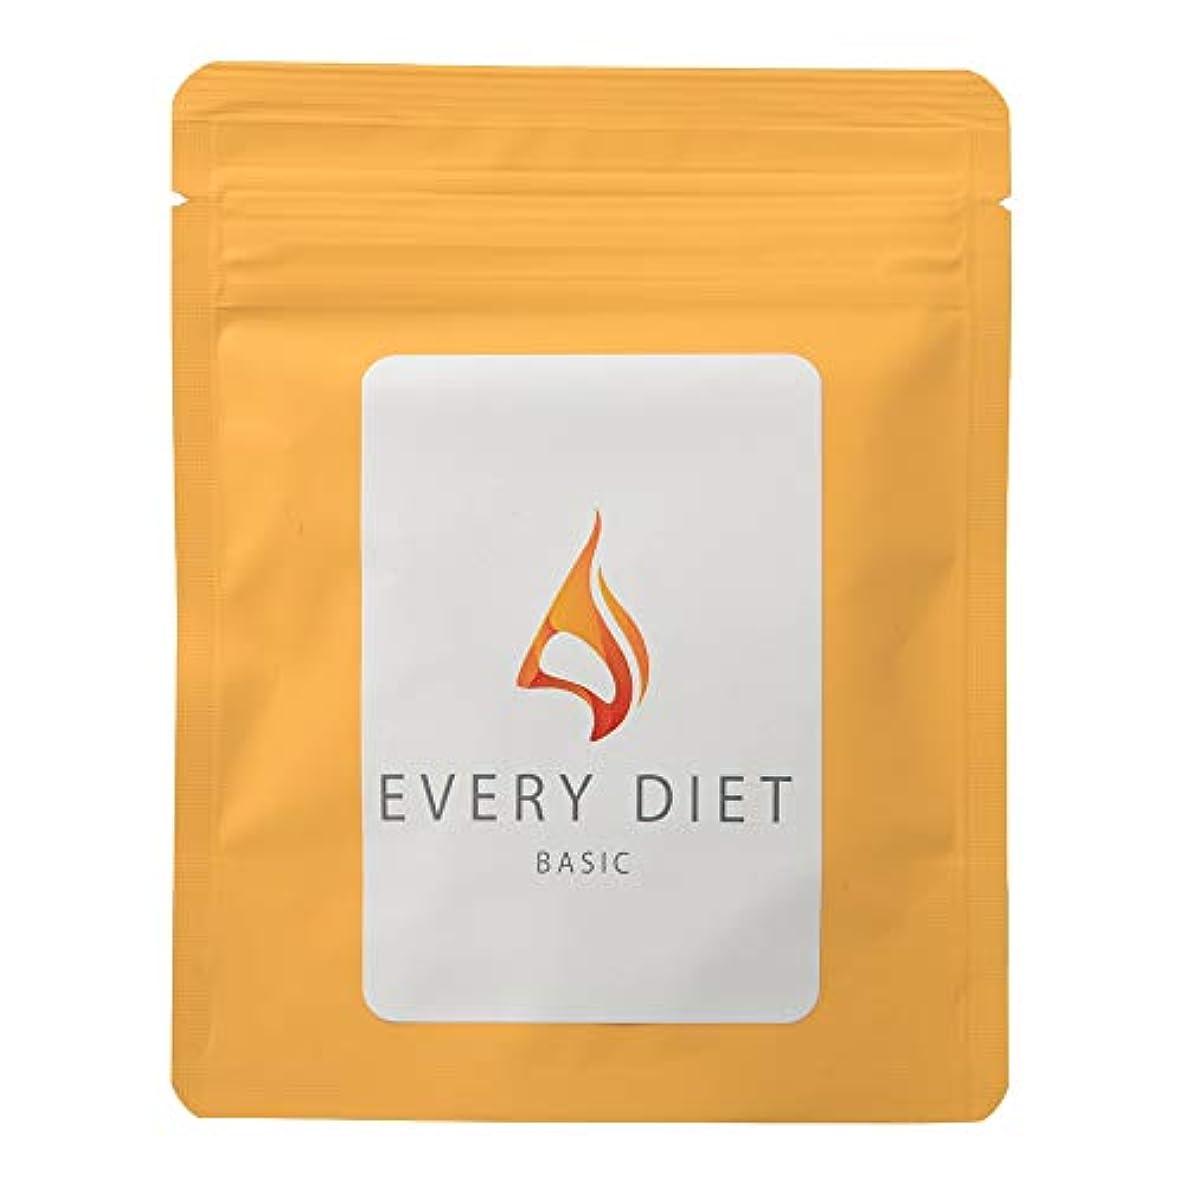 ブレークテーマ高層ビルEvery Diet Basic (エブリダイエット ベーシック) ダイエット サプリメント [内容量60粒/ 説明書付き]